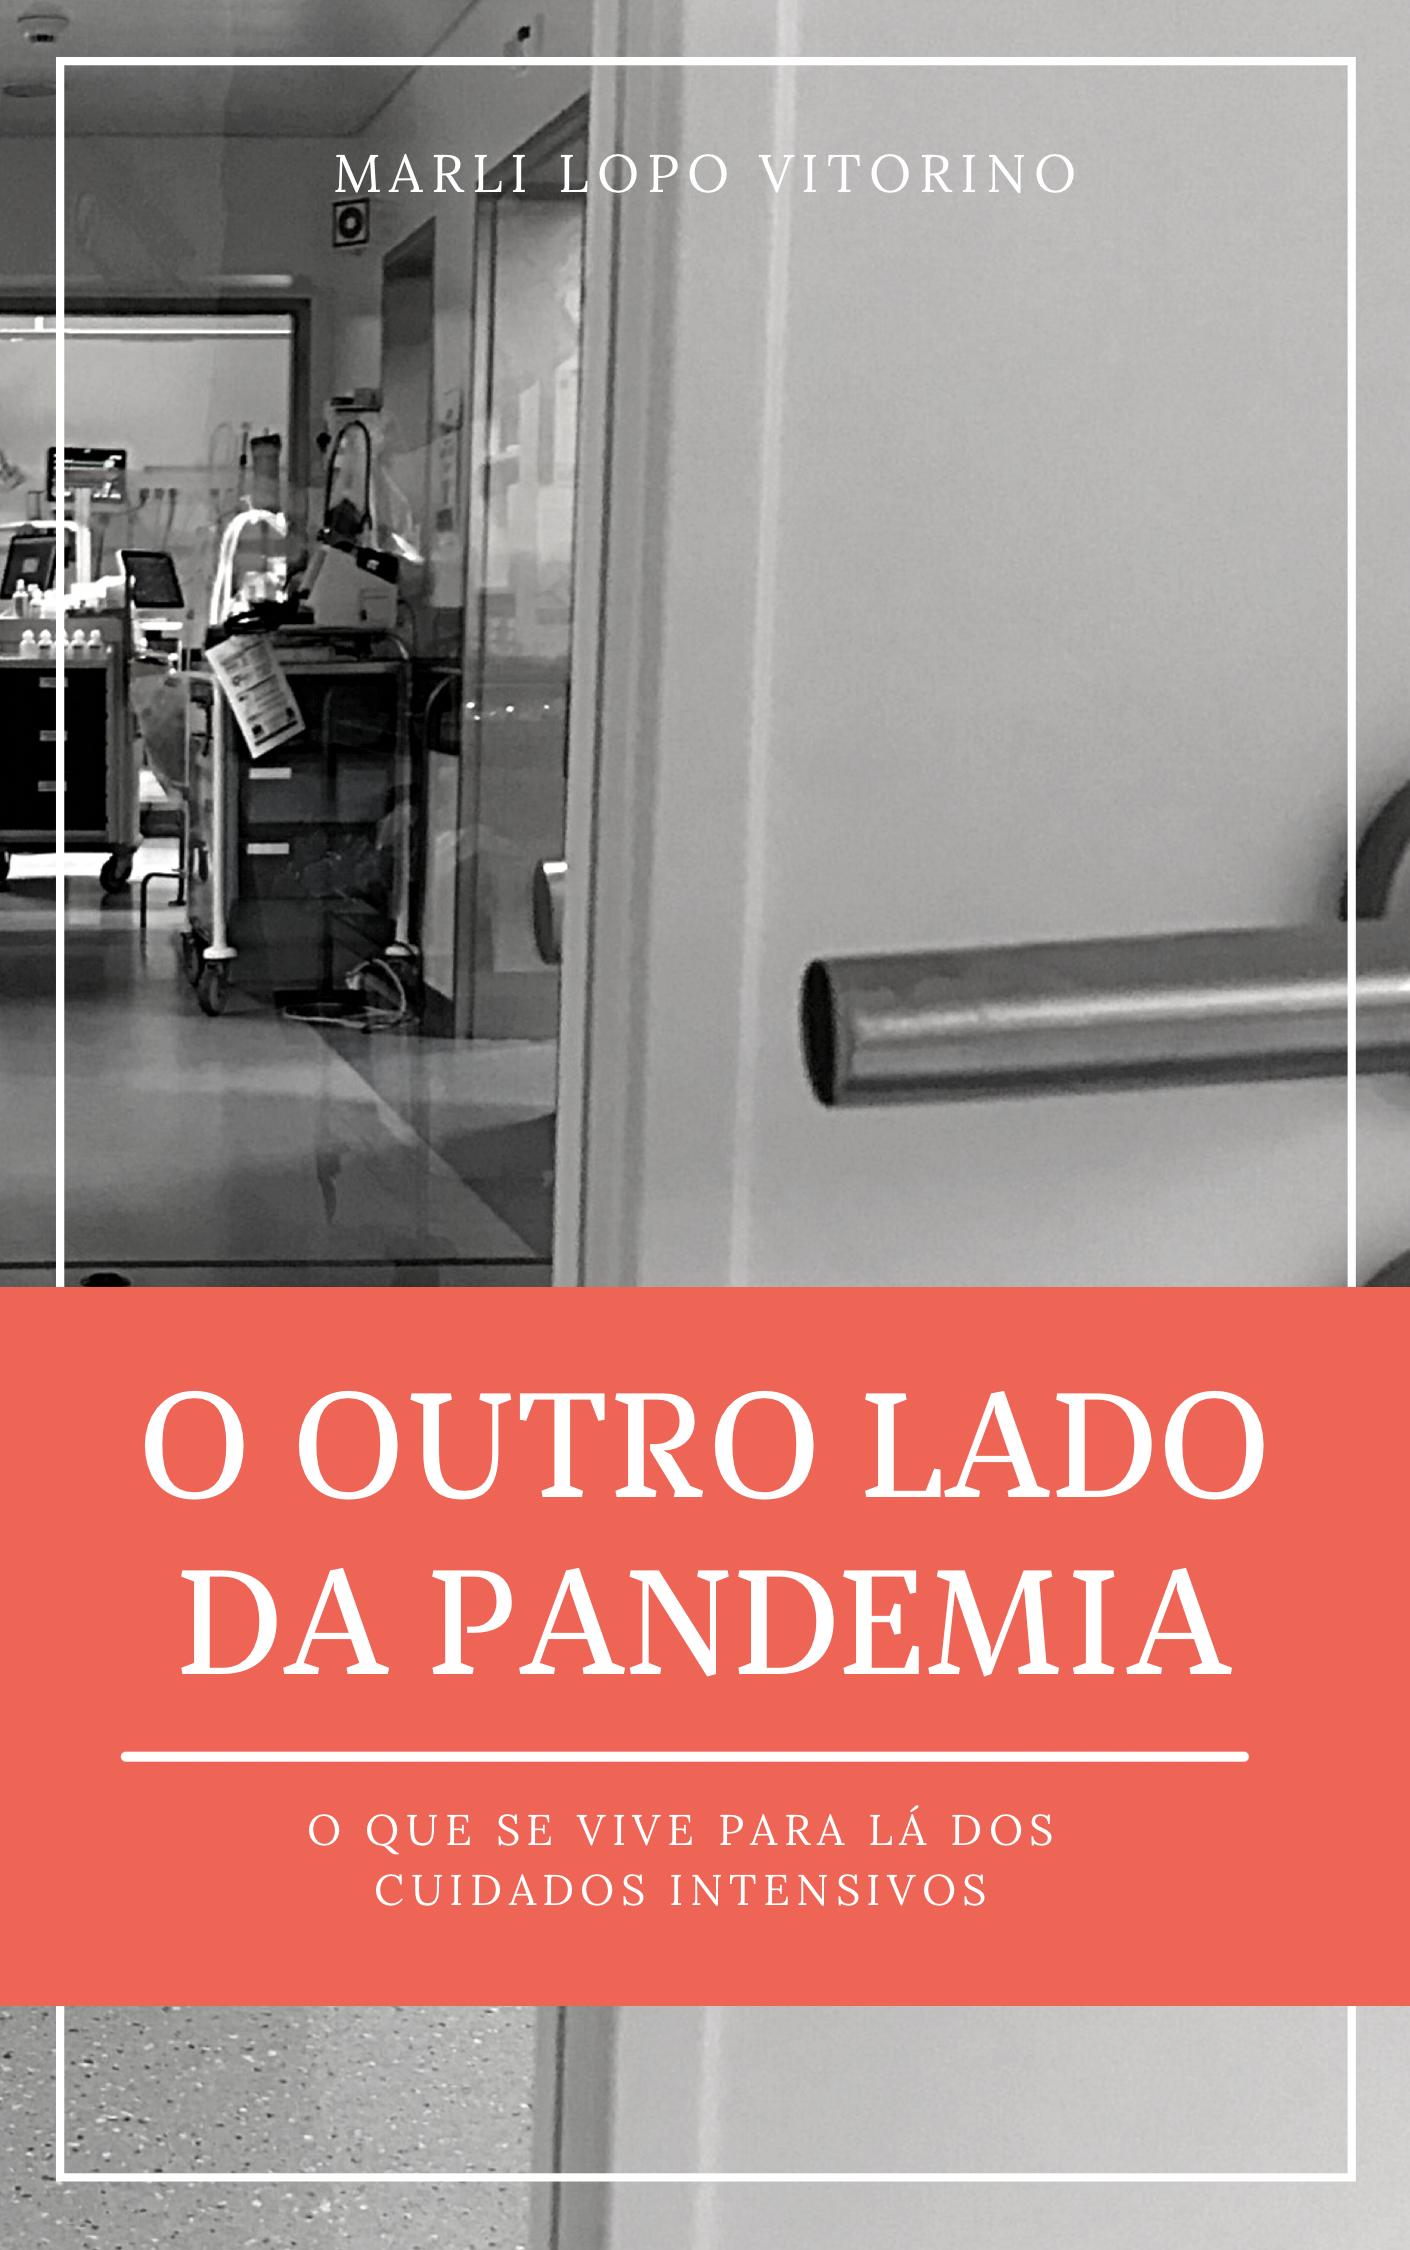 O Outro Lado da Pandemia, €15, Chiado Editora